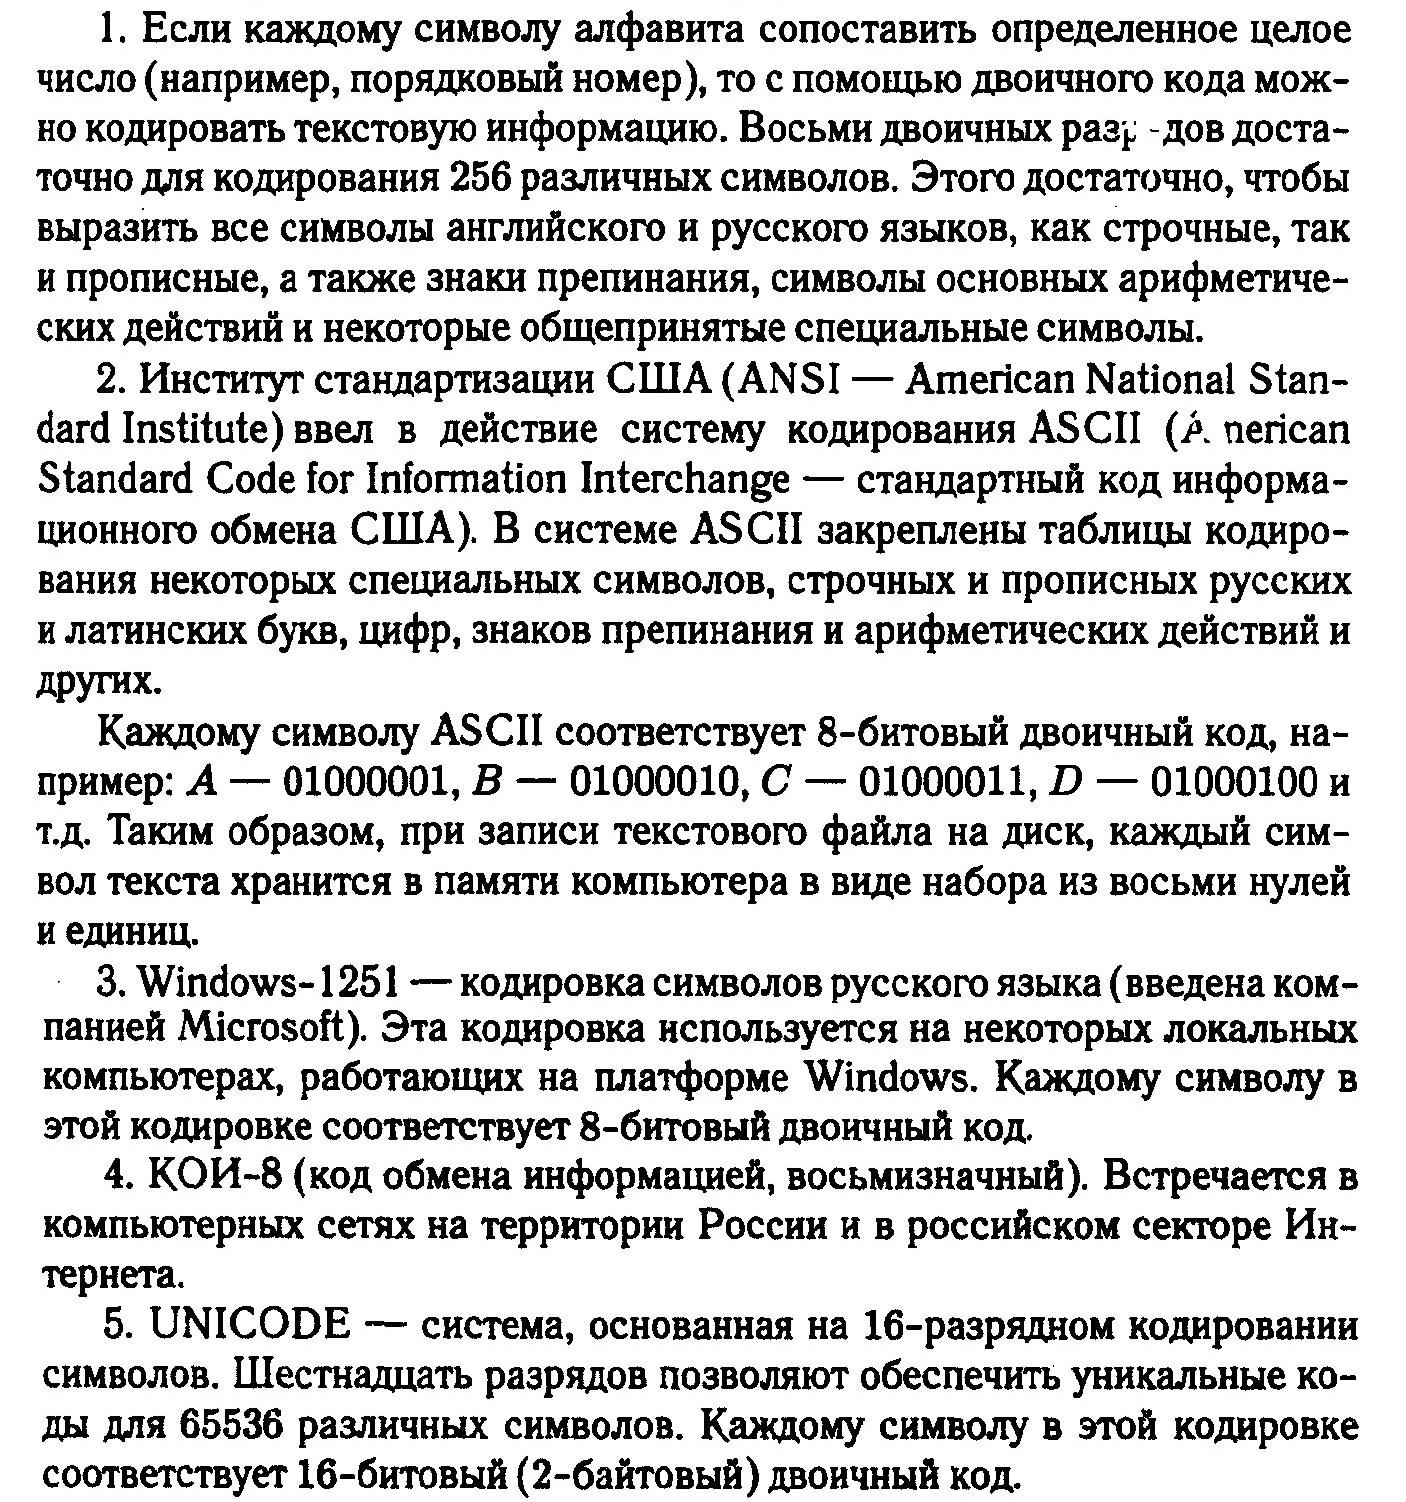 гдз по русскому языку 5 класс бунеев бунеева комиссарова текучева не скачать